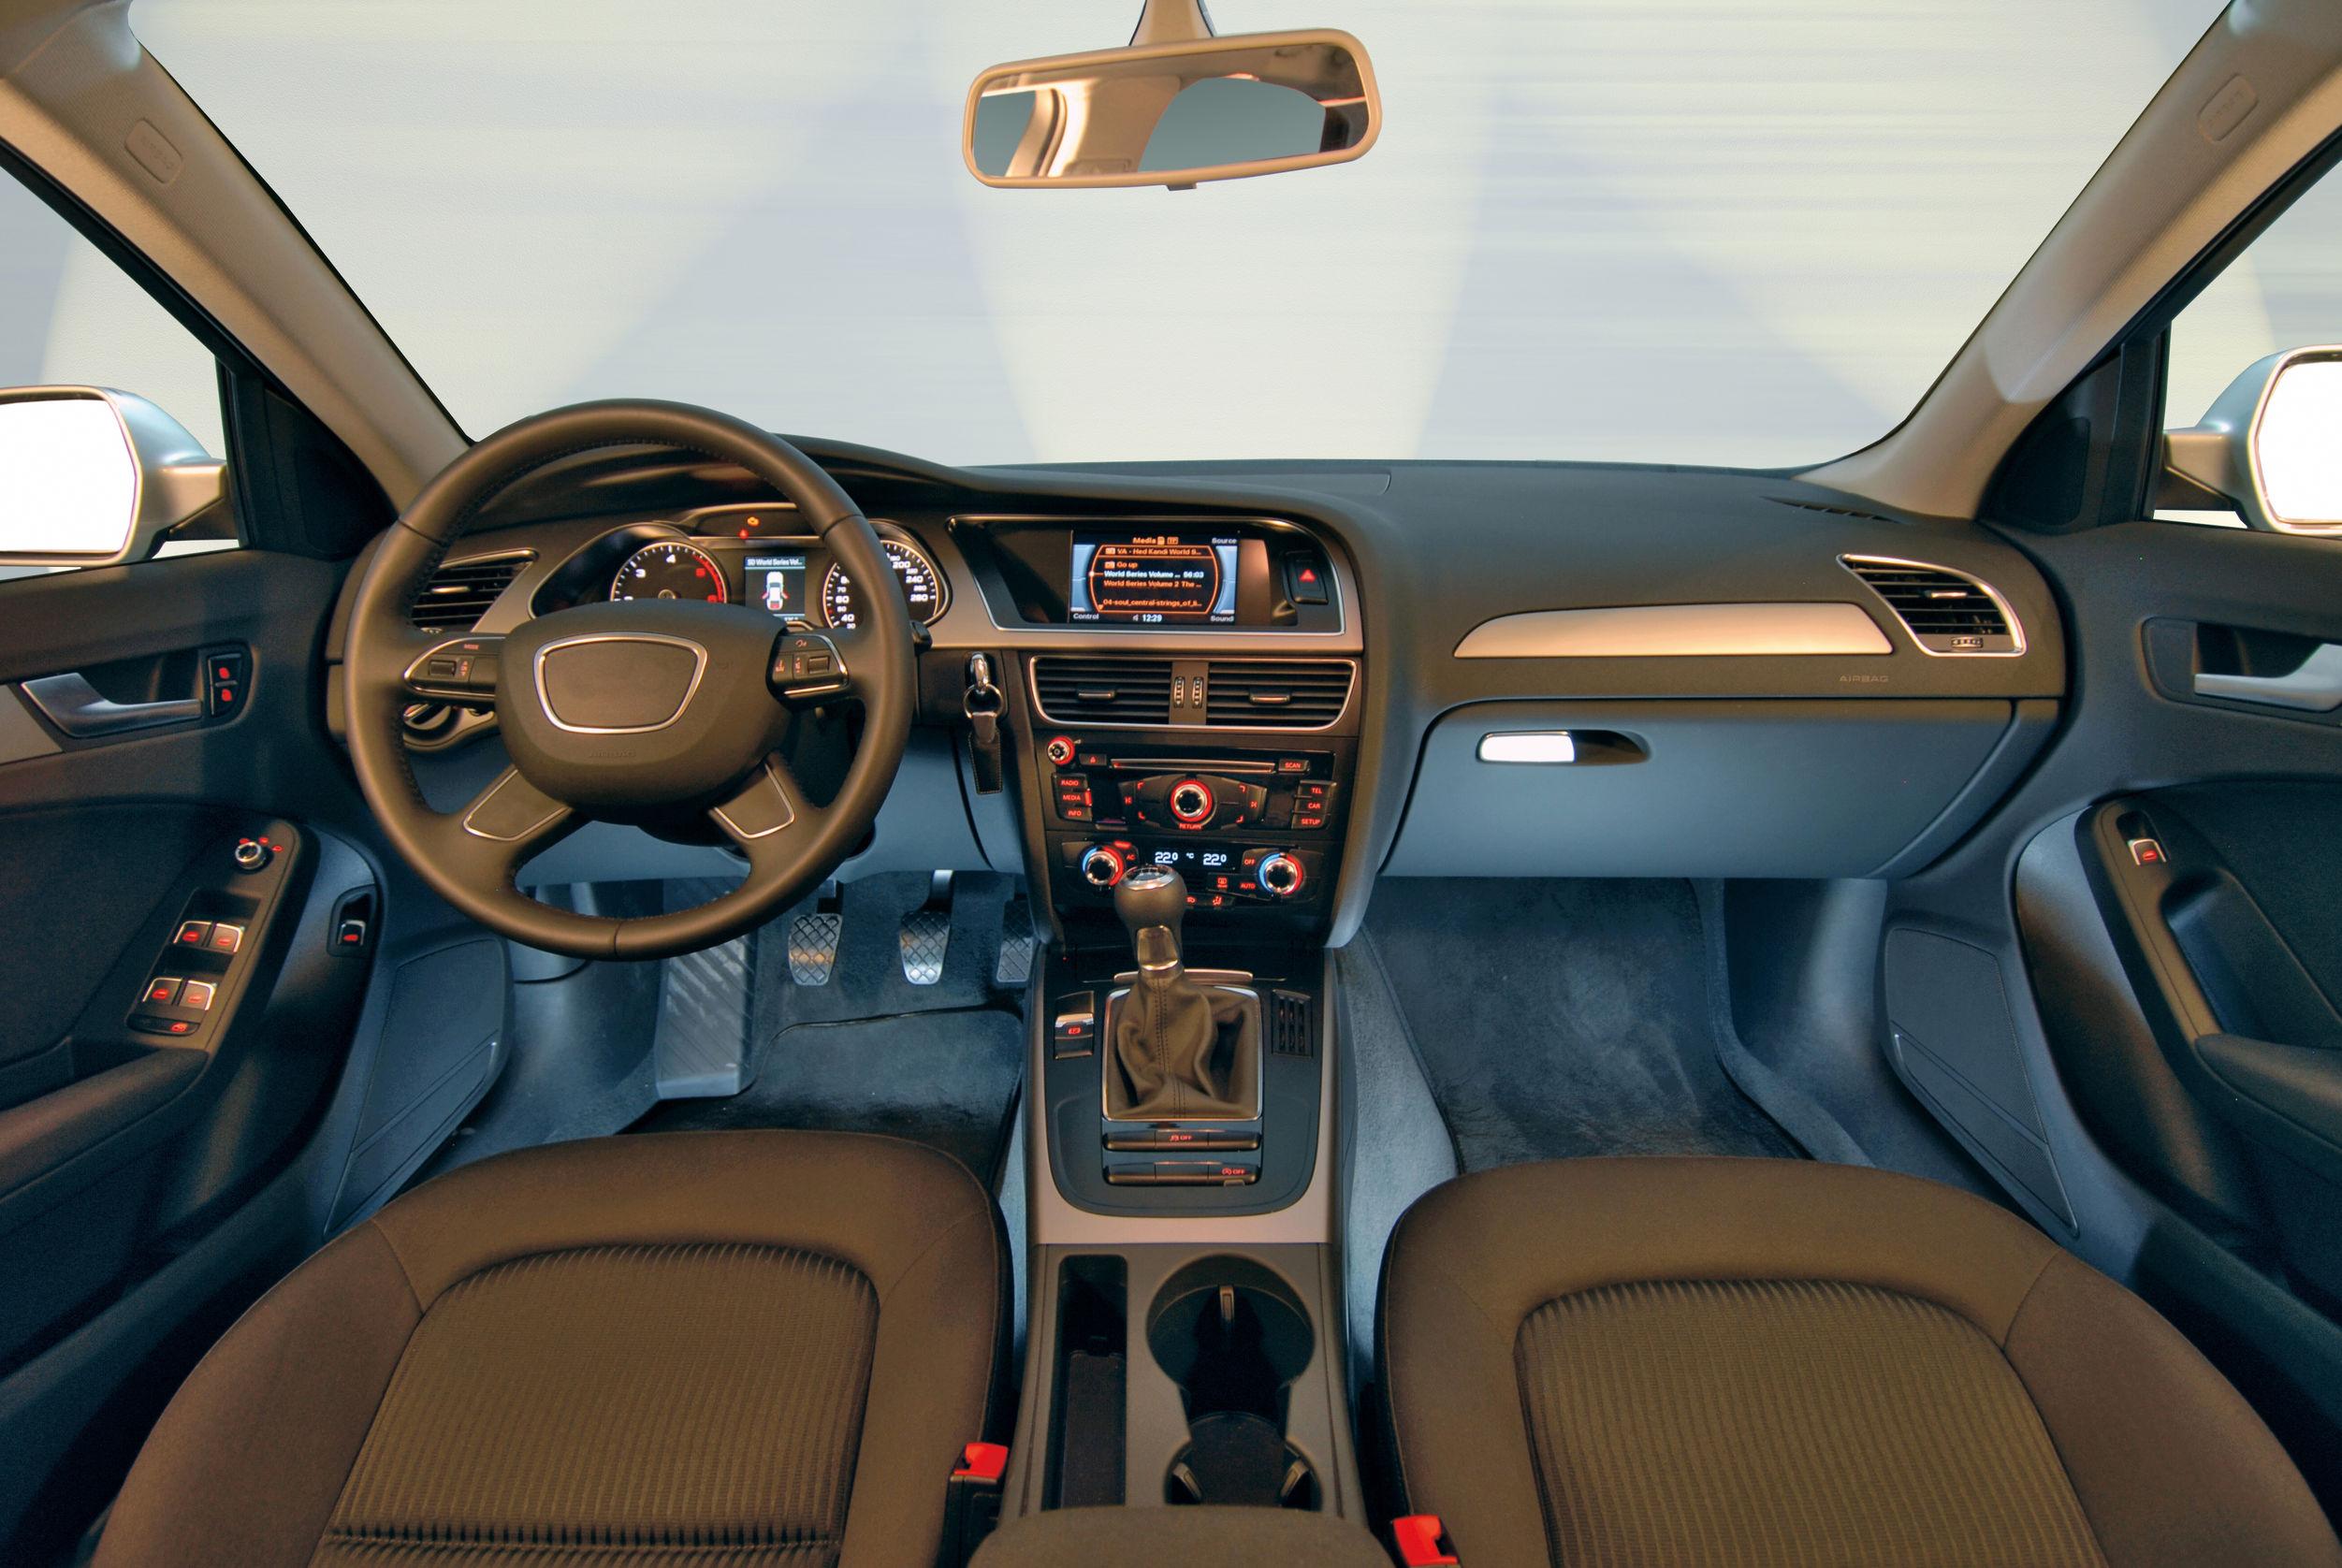 Autositzbezüge: Test & Empfehlungen (08/20)